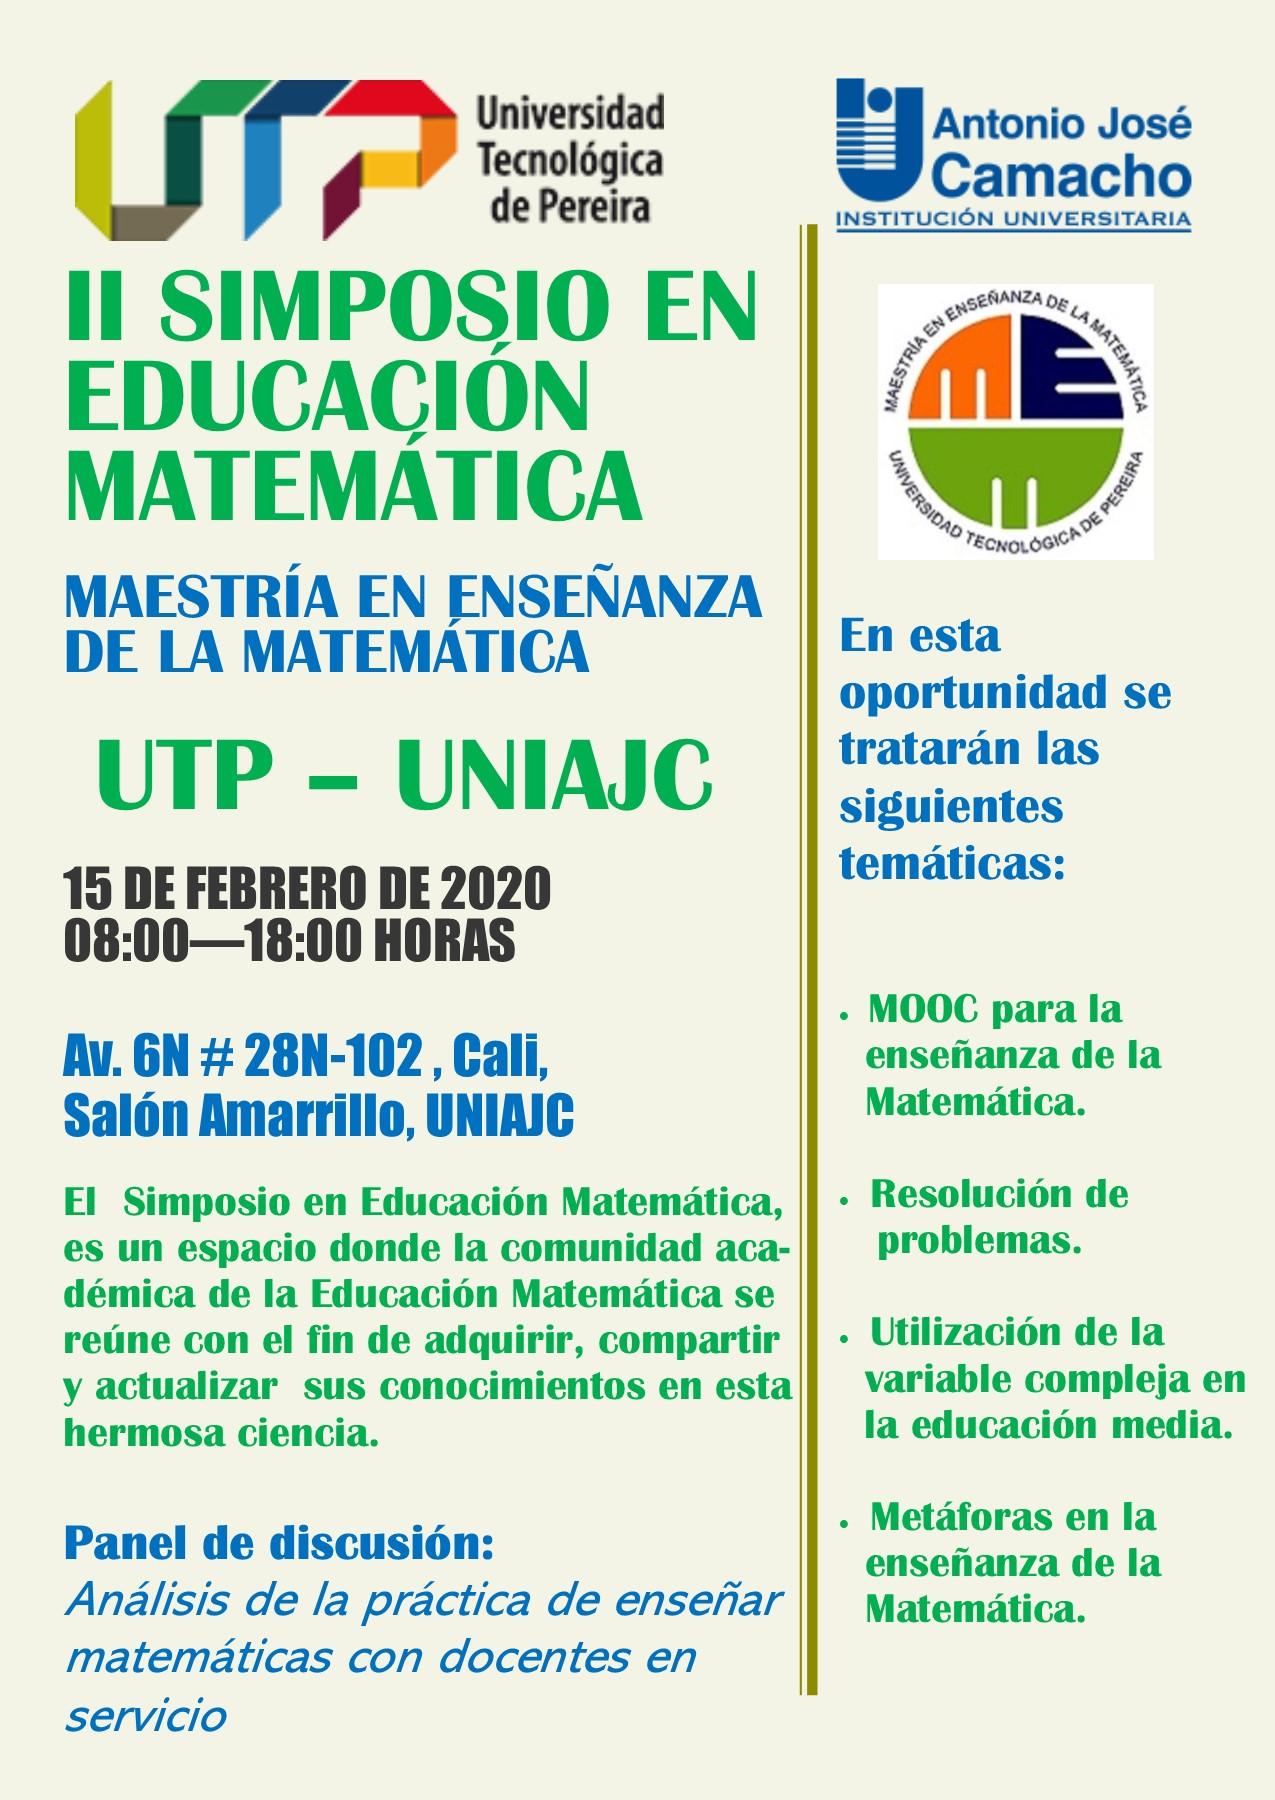 Segundo simposio en Educación Matemática